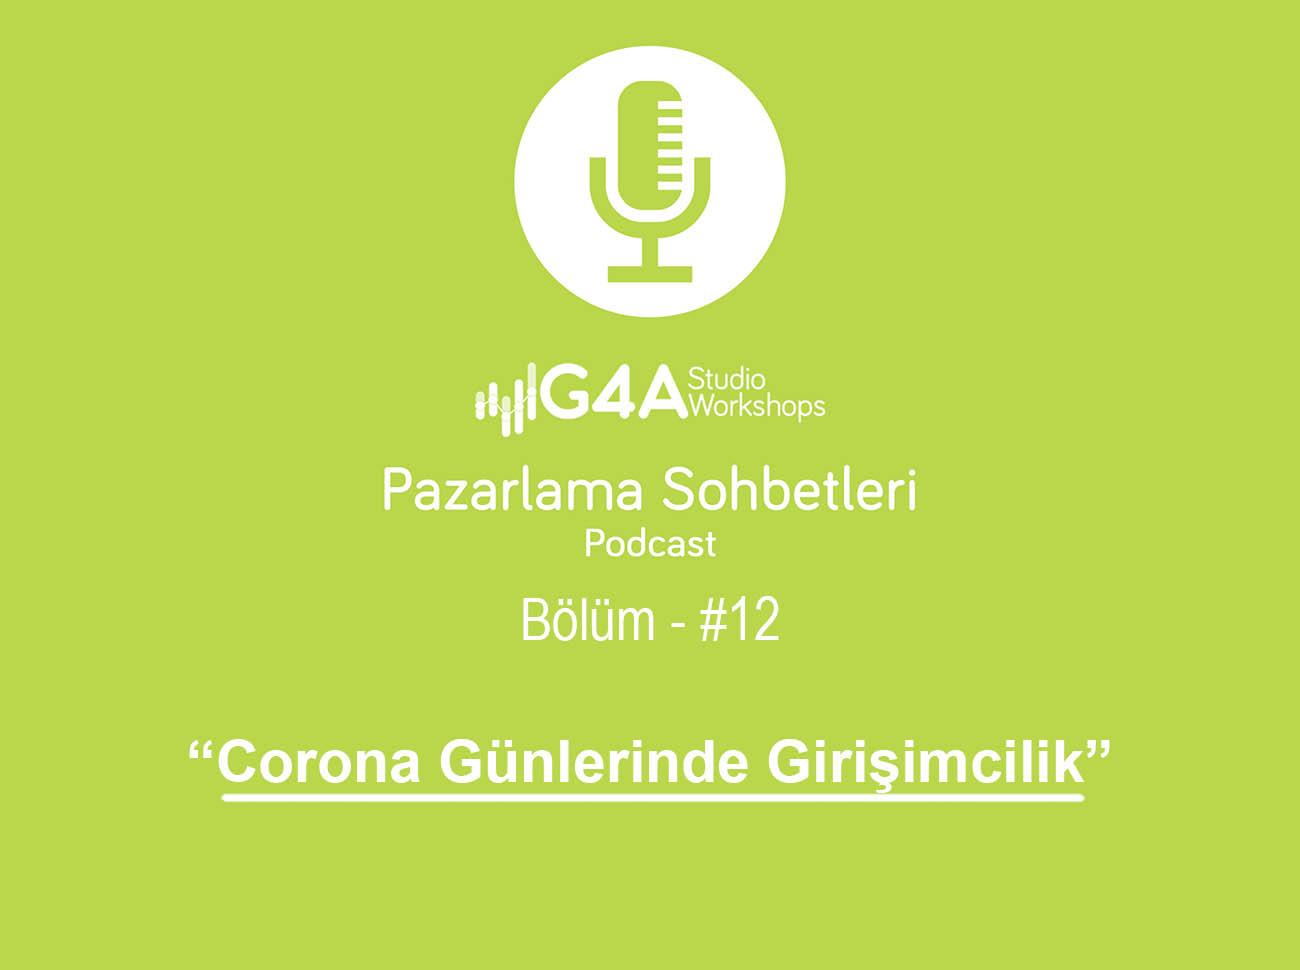 Corona Günlerinde Girişimcilik (G4A Pazarlama Sohbetleri – 12. Bölüm)